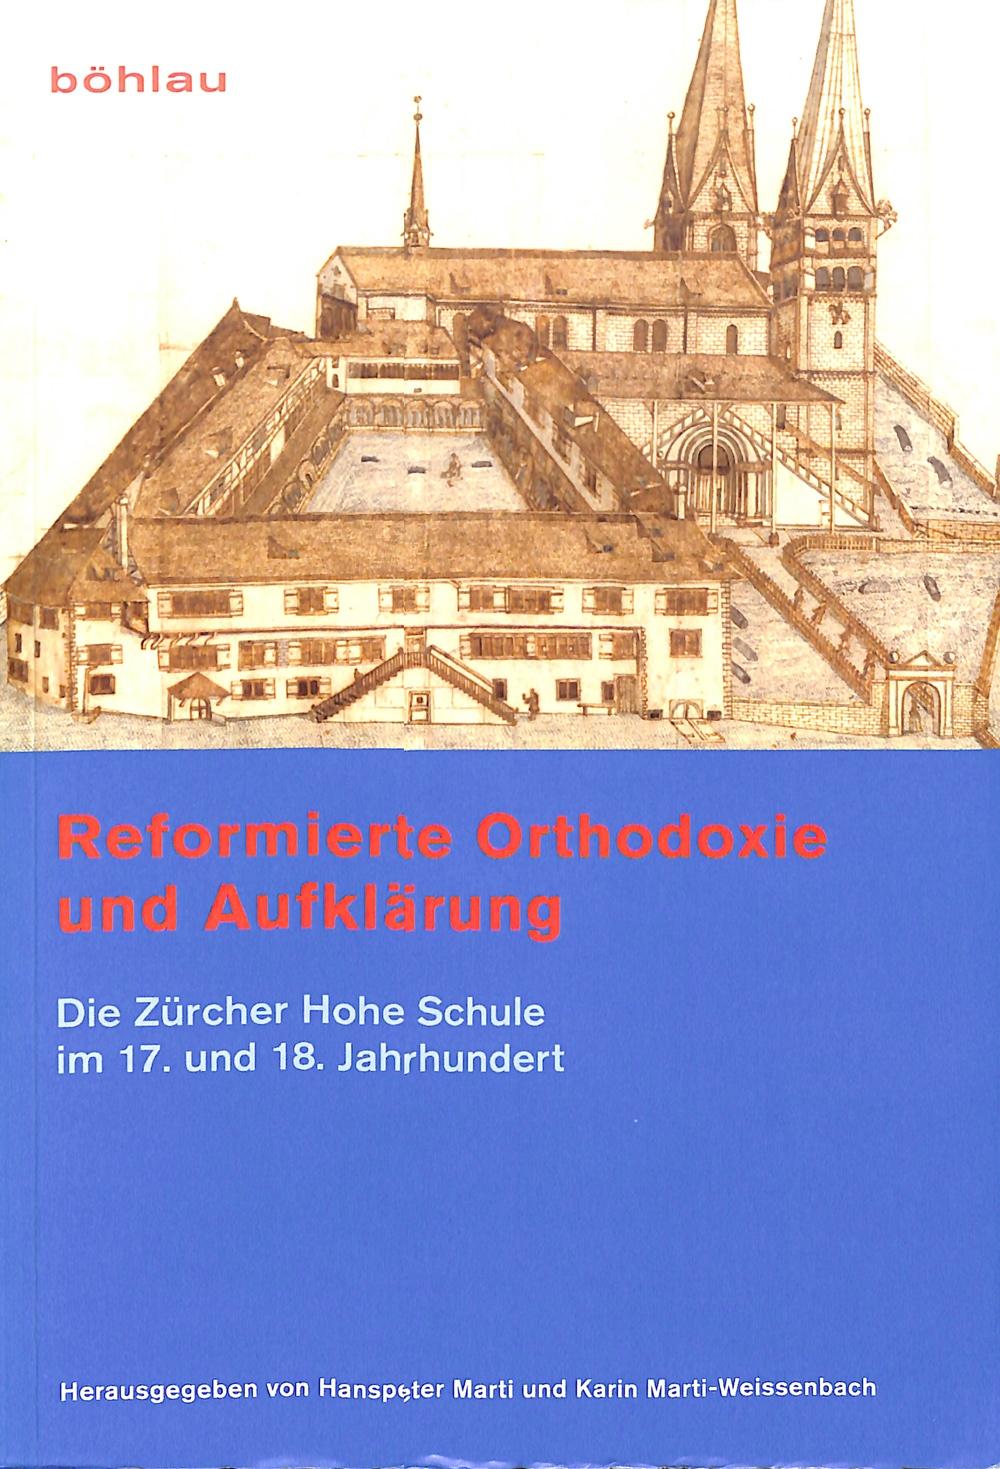 Reformierte Orthodoxie und Aufklärung. Die Zürcher Hohe Schule im 17. und 18. Jahrhundert.